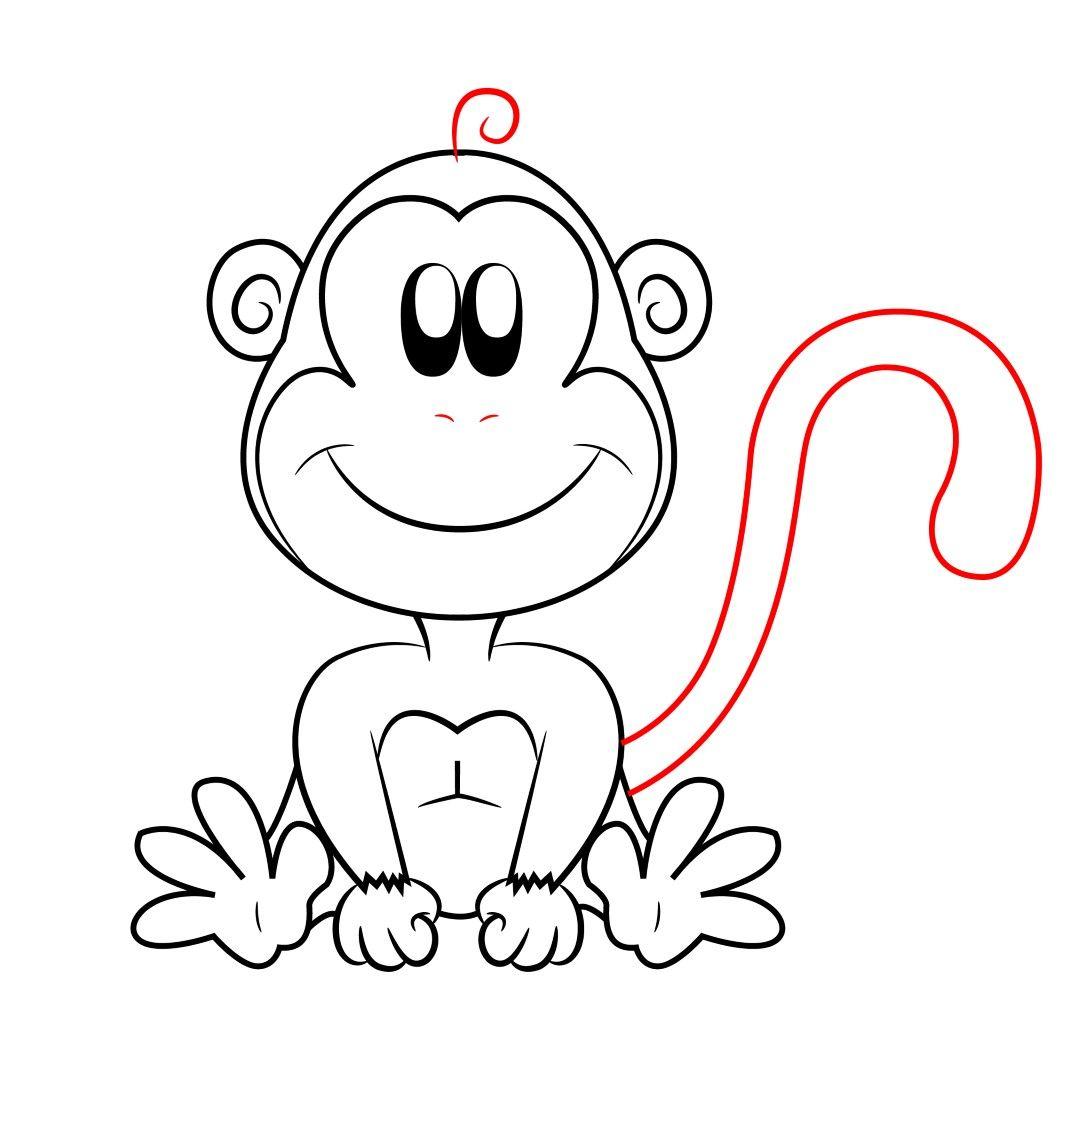 How To Draw A Cartoon Monkey Step 8